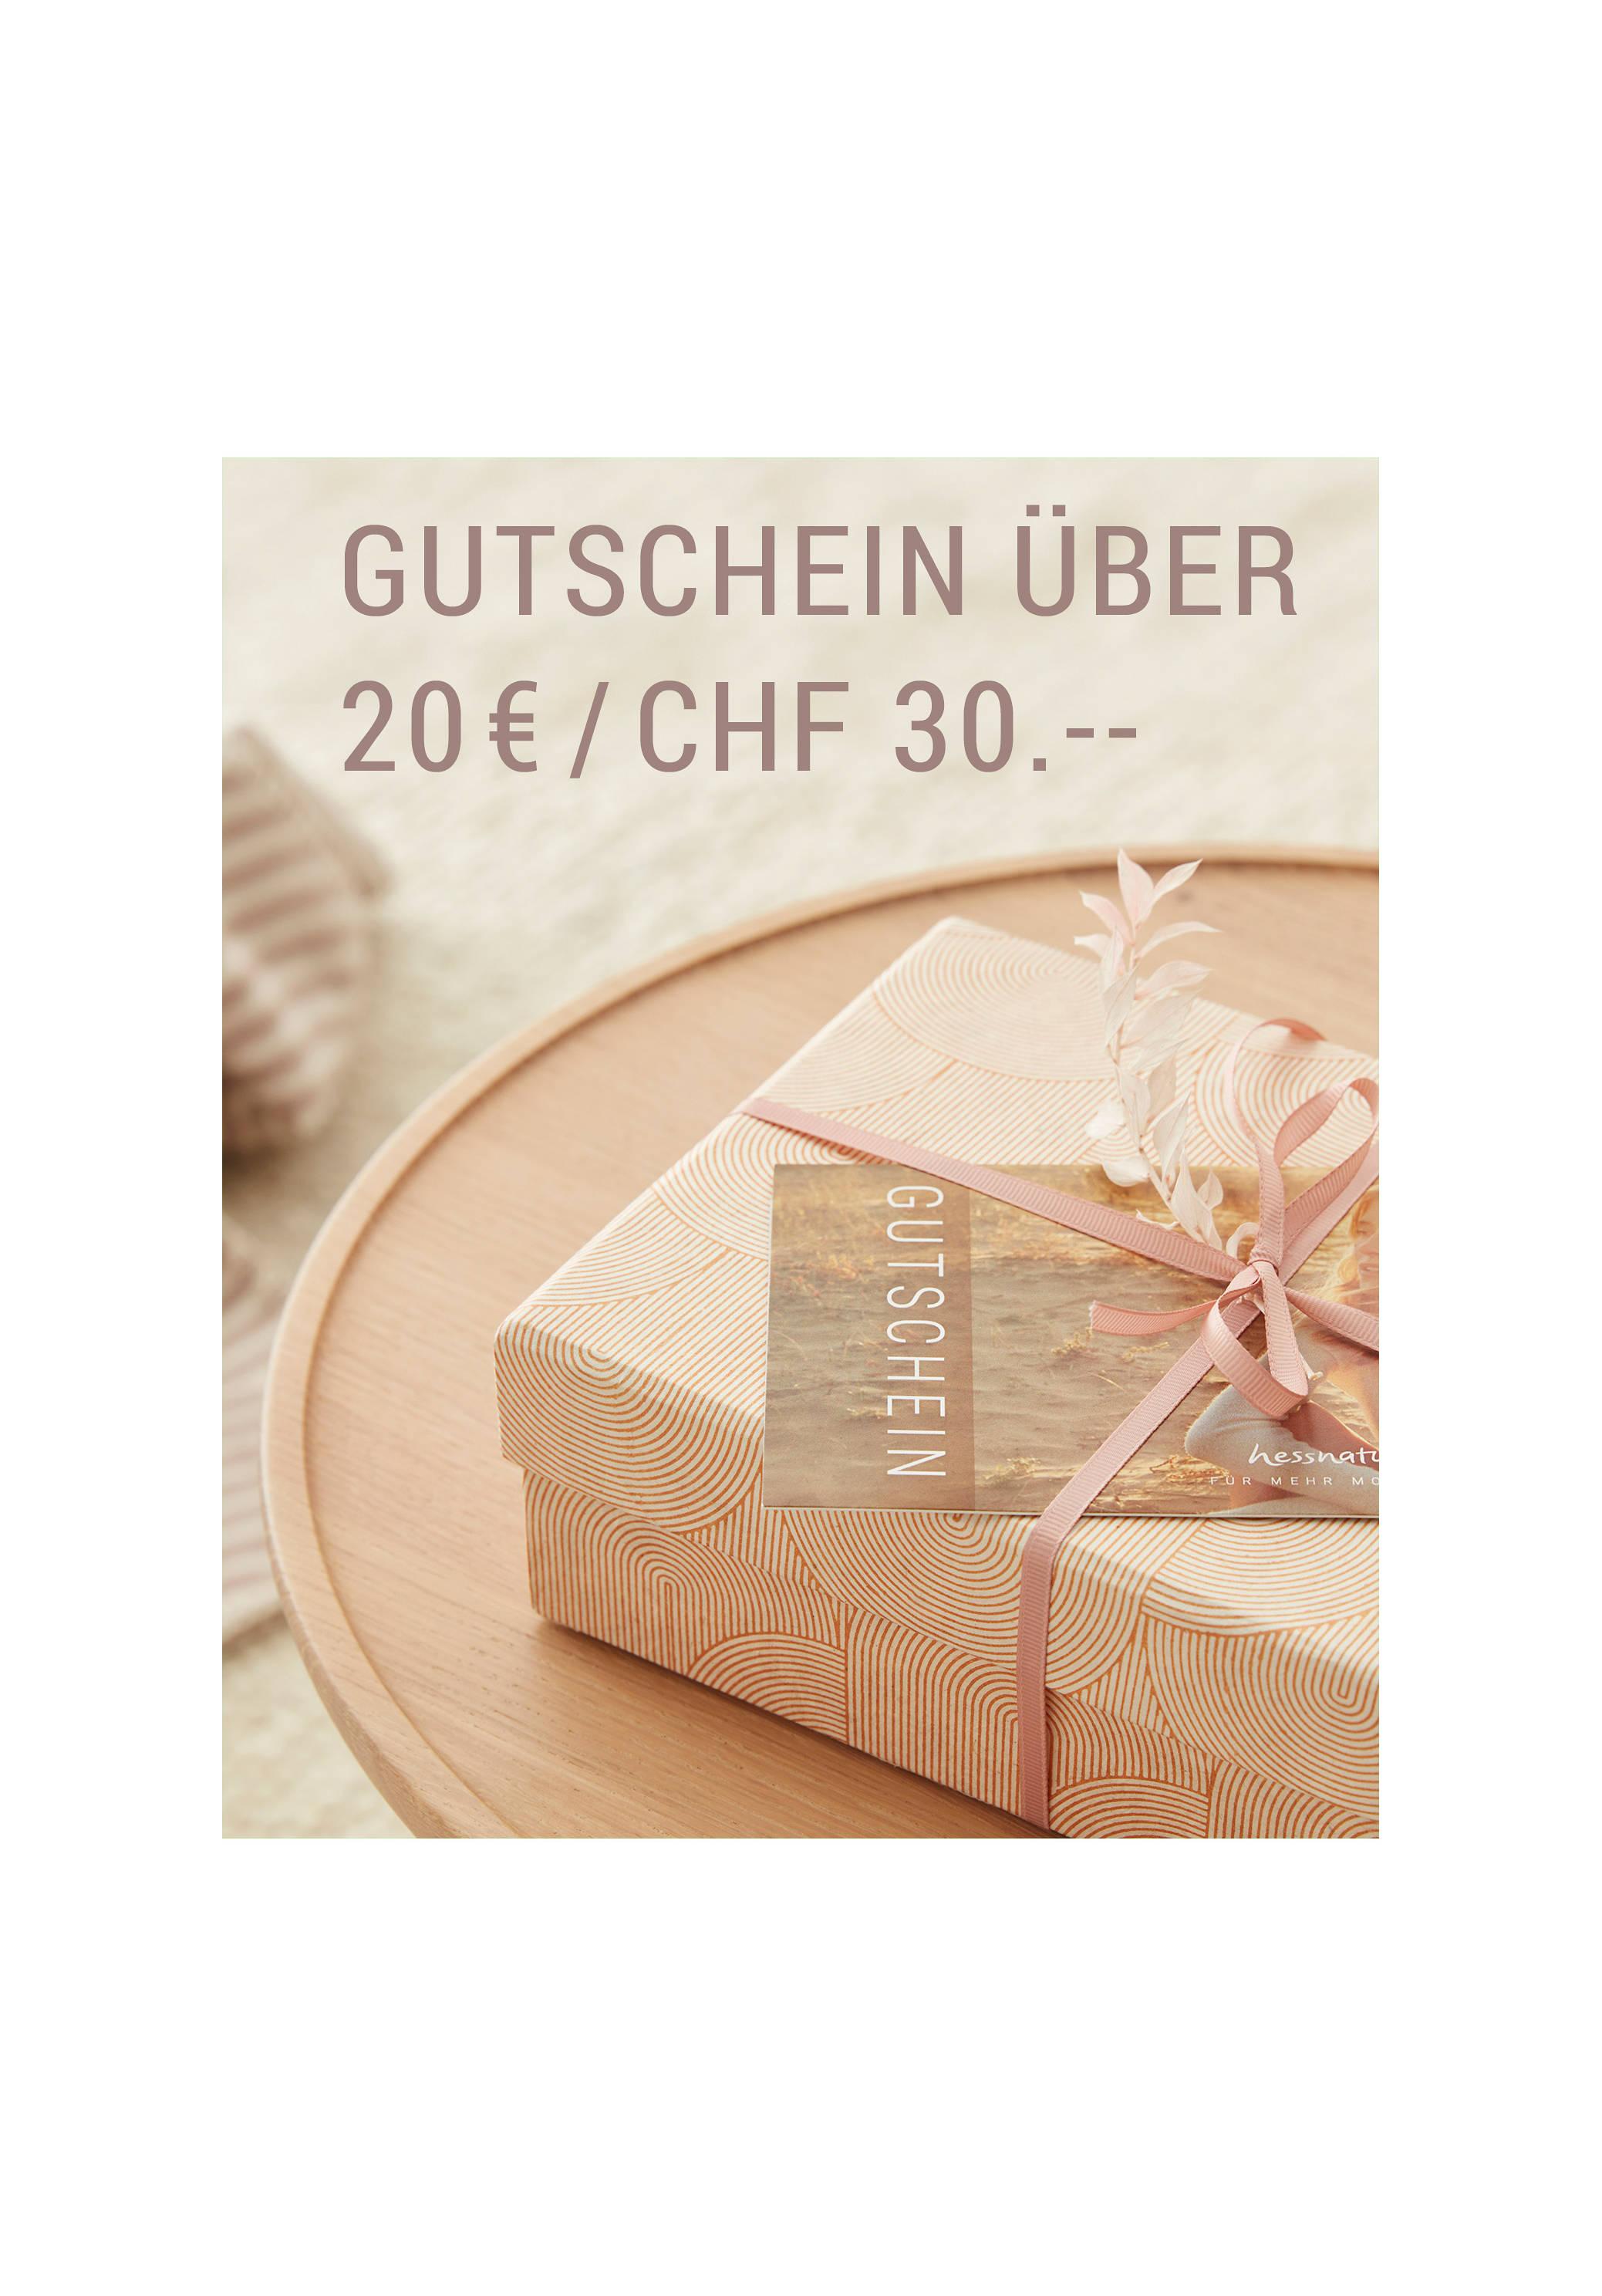 hessnatur_Gutschein-99999_99_7.jpg